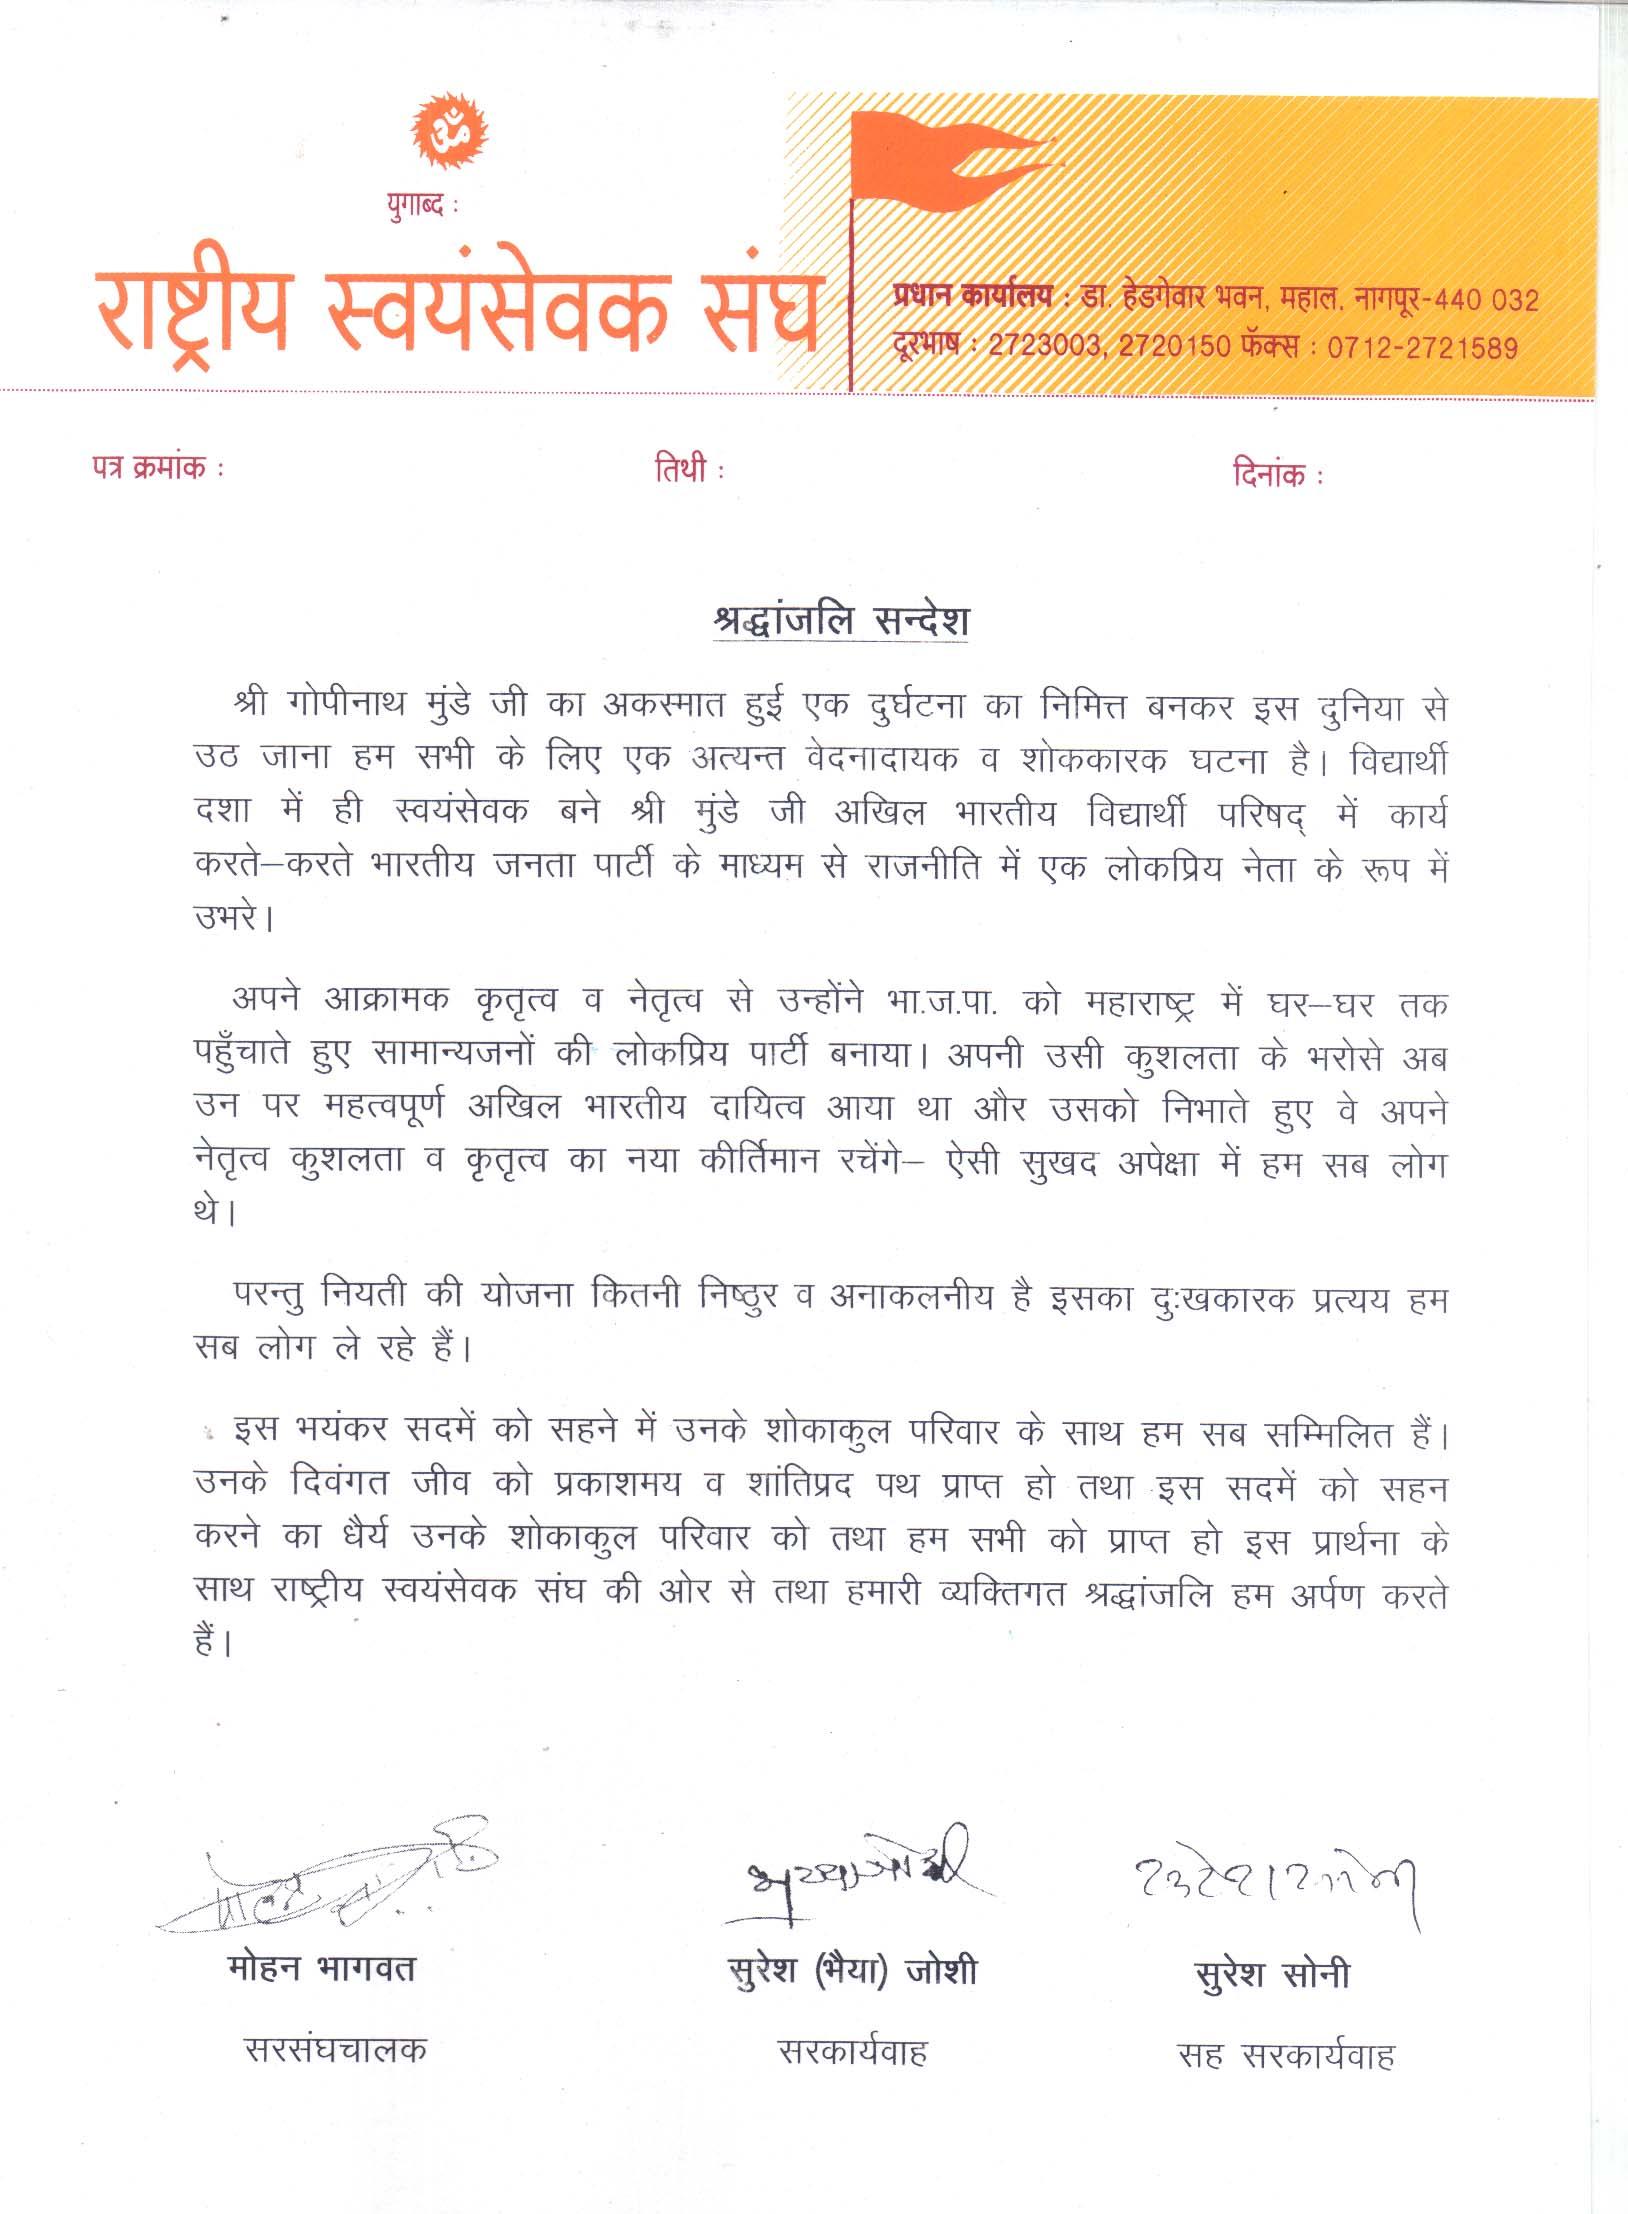 Shraddhanjali Sandesh by RSS Sarasanghachalak Mohan Bhagwat